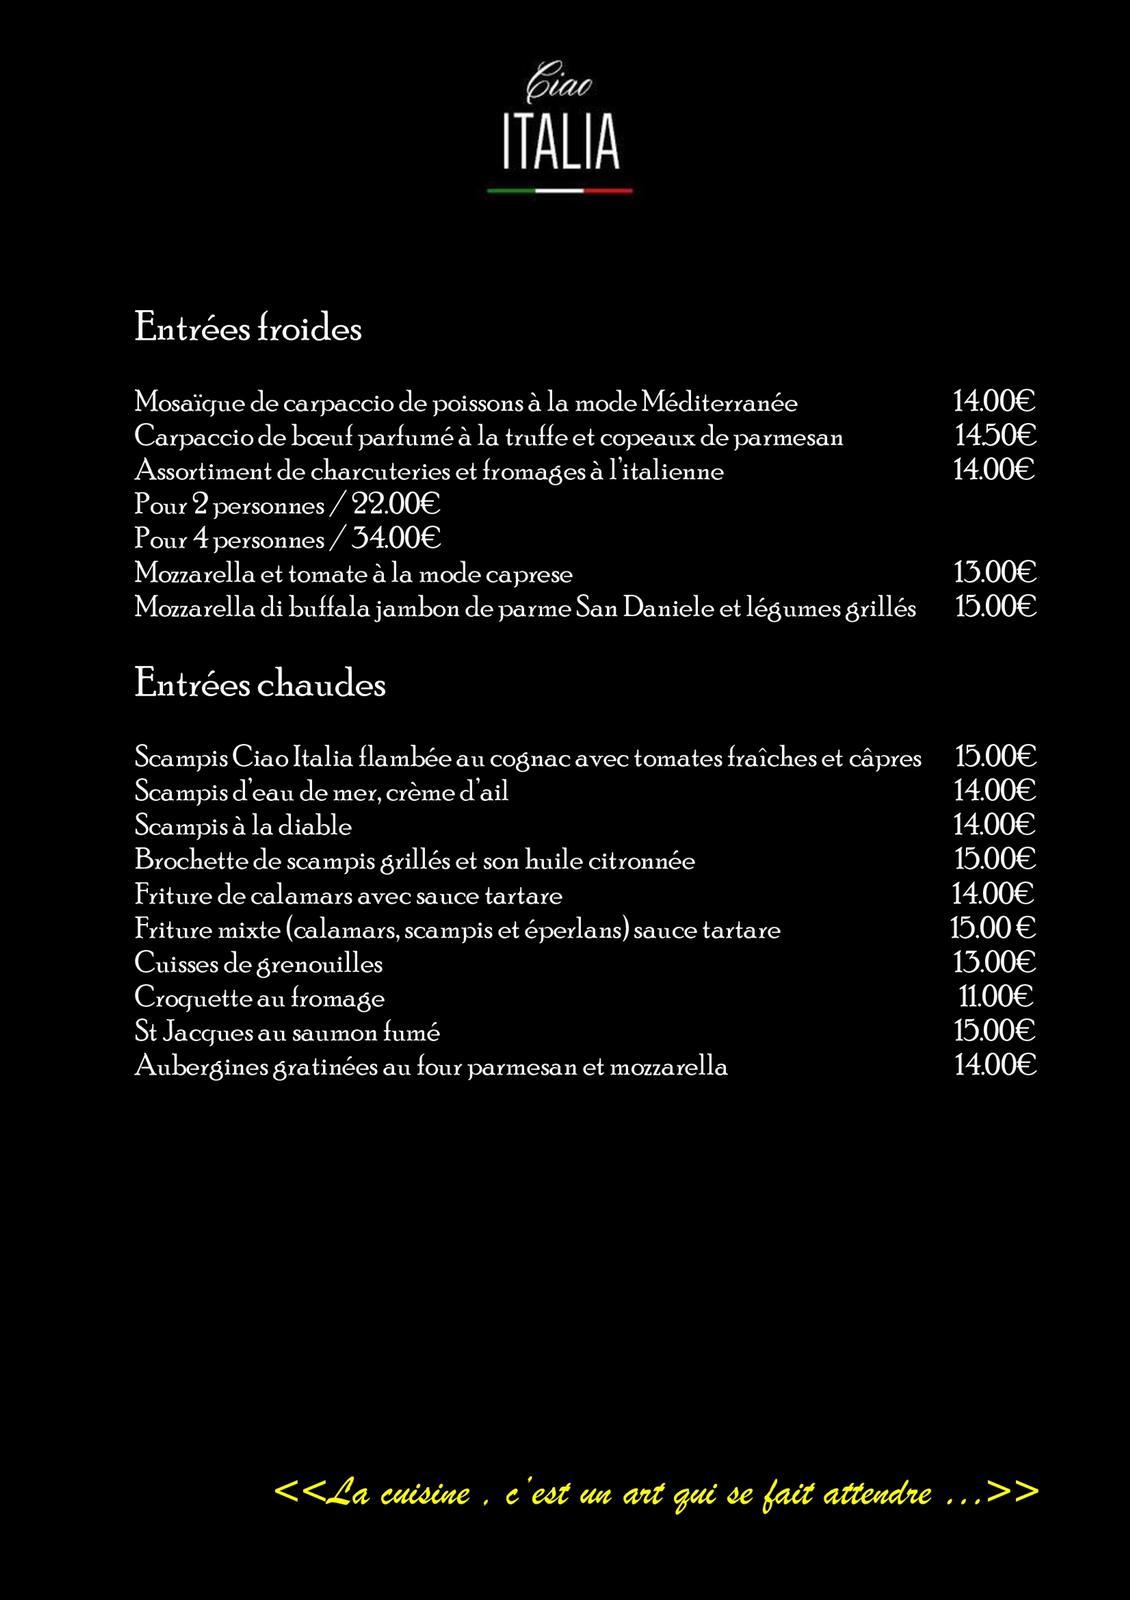 carte-ciaoitalia-101-entrees